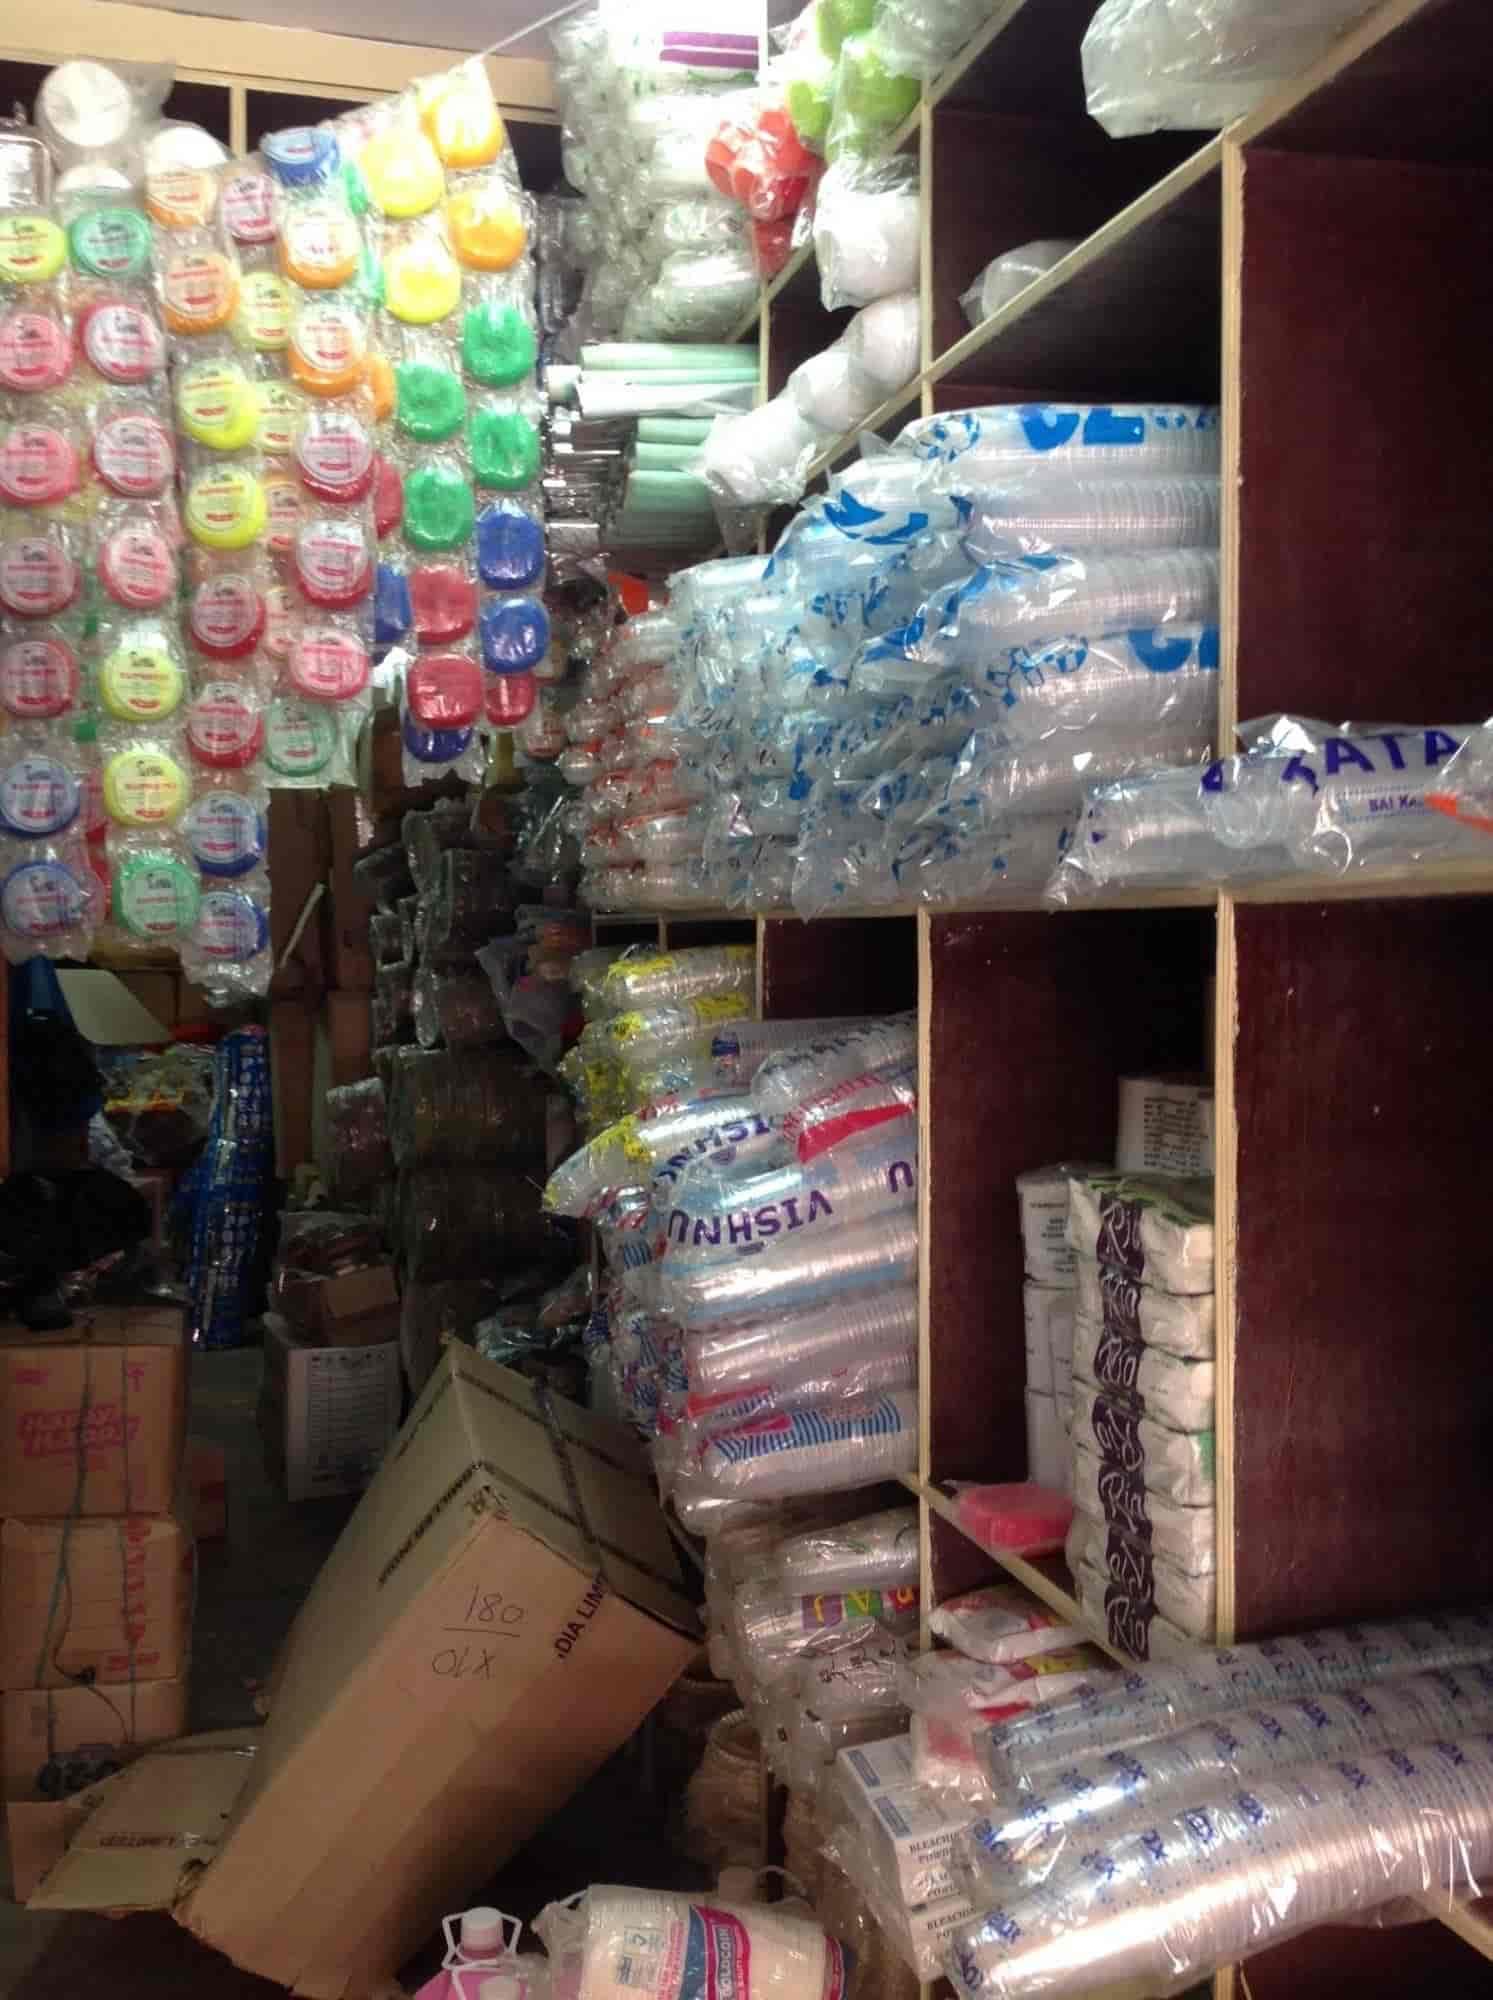 Annapurna Marketing, Ameerpet - Housekeeping Material